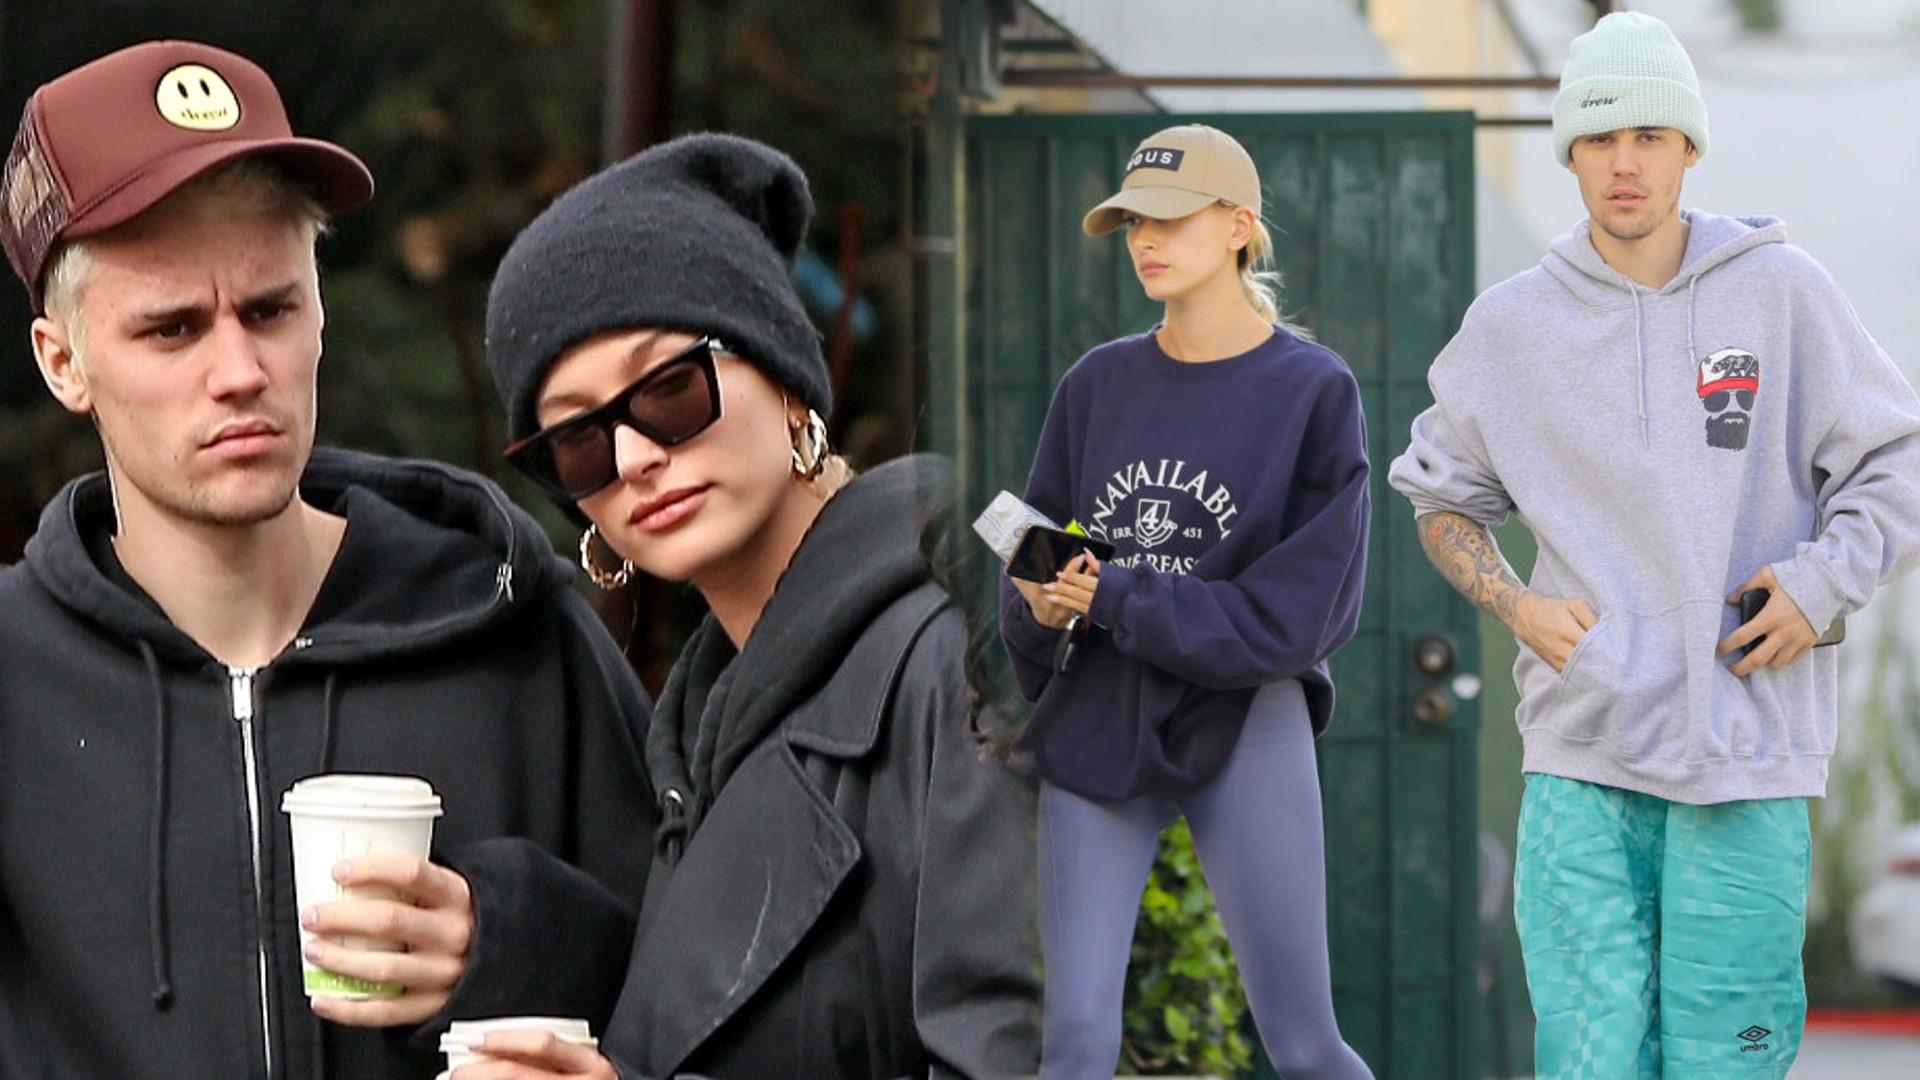 Uduchowiony Justin Bieber zabrał do kościoła swoją żonę i Demi Lovato (FOTO)